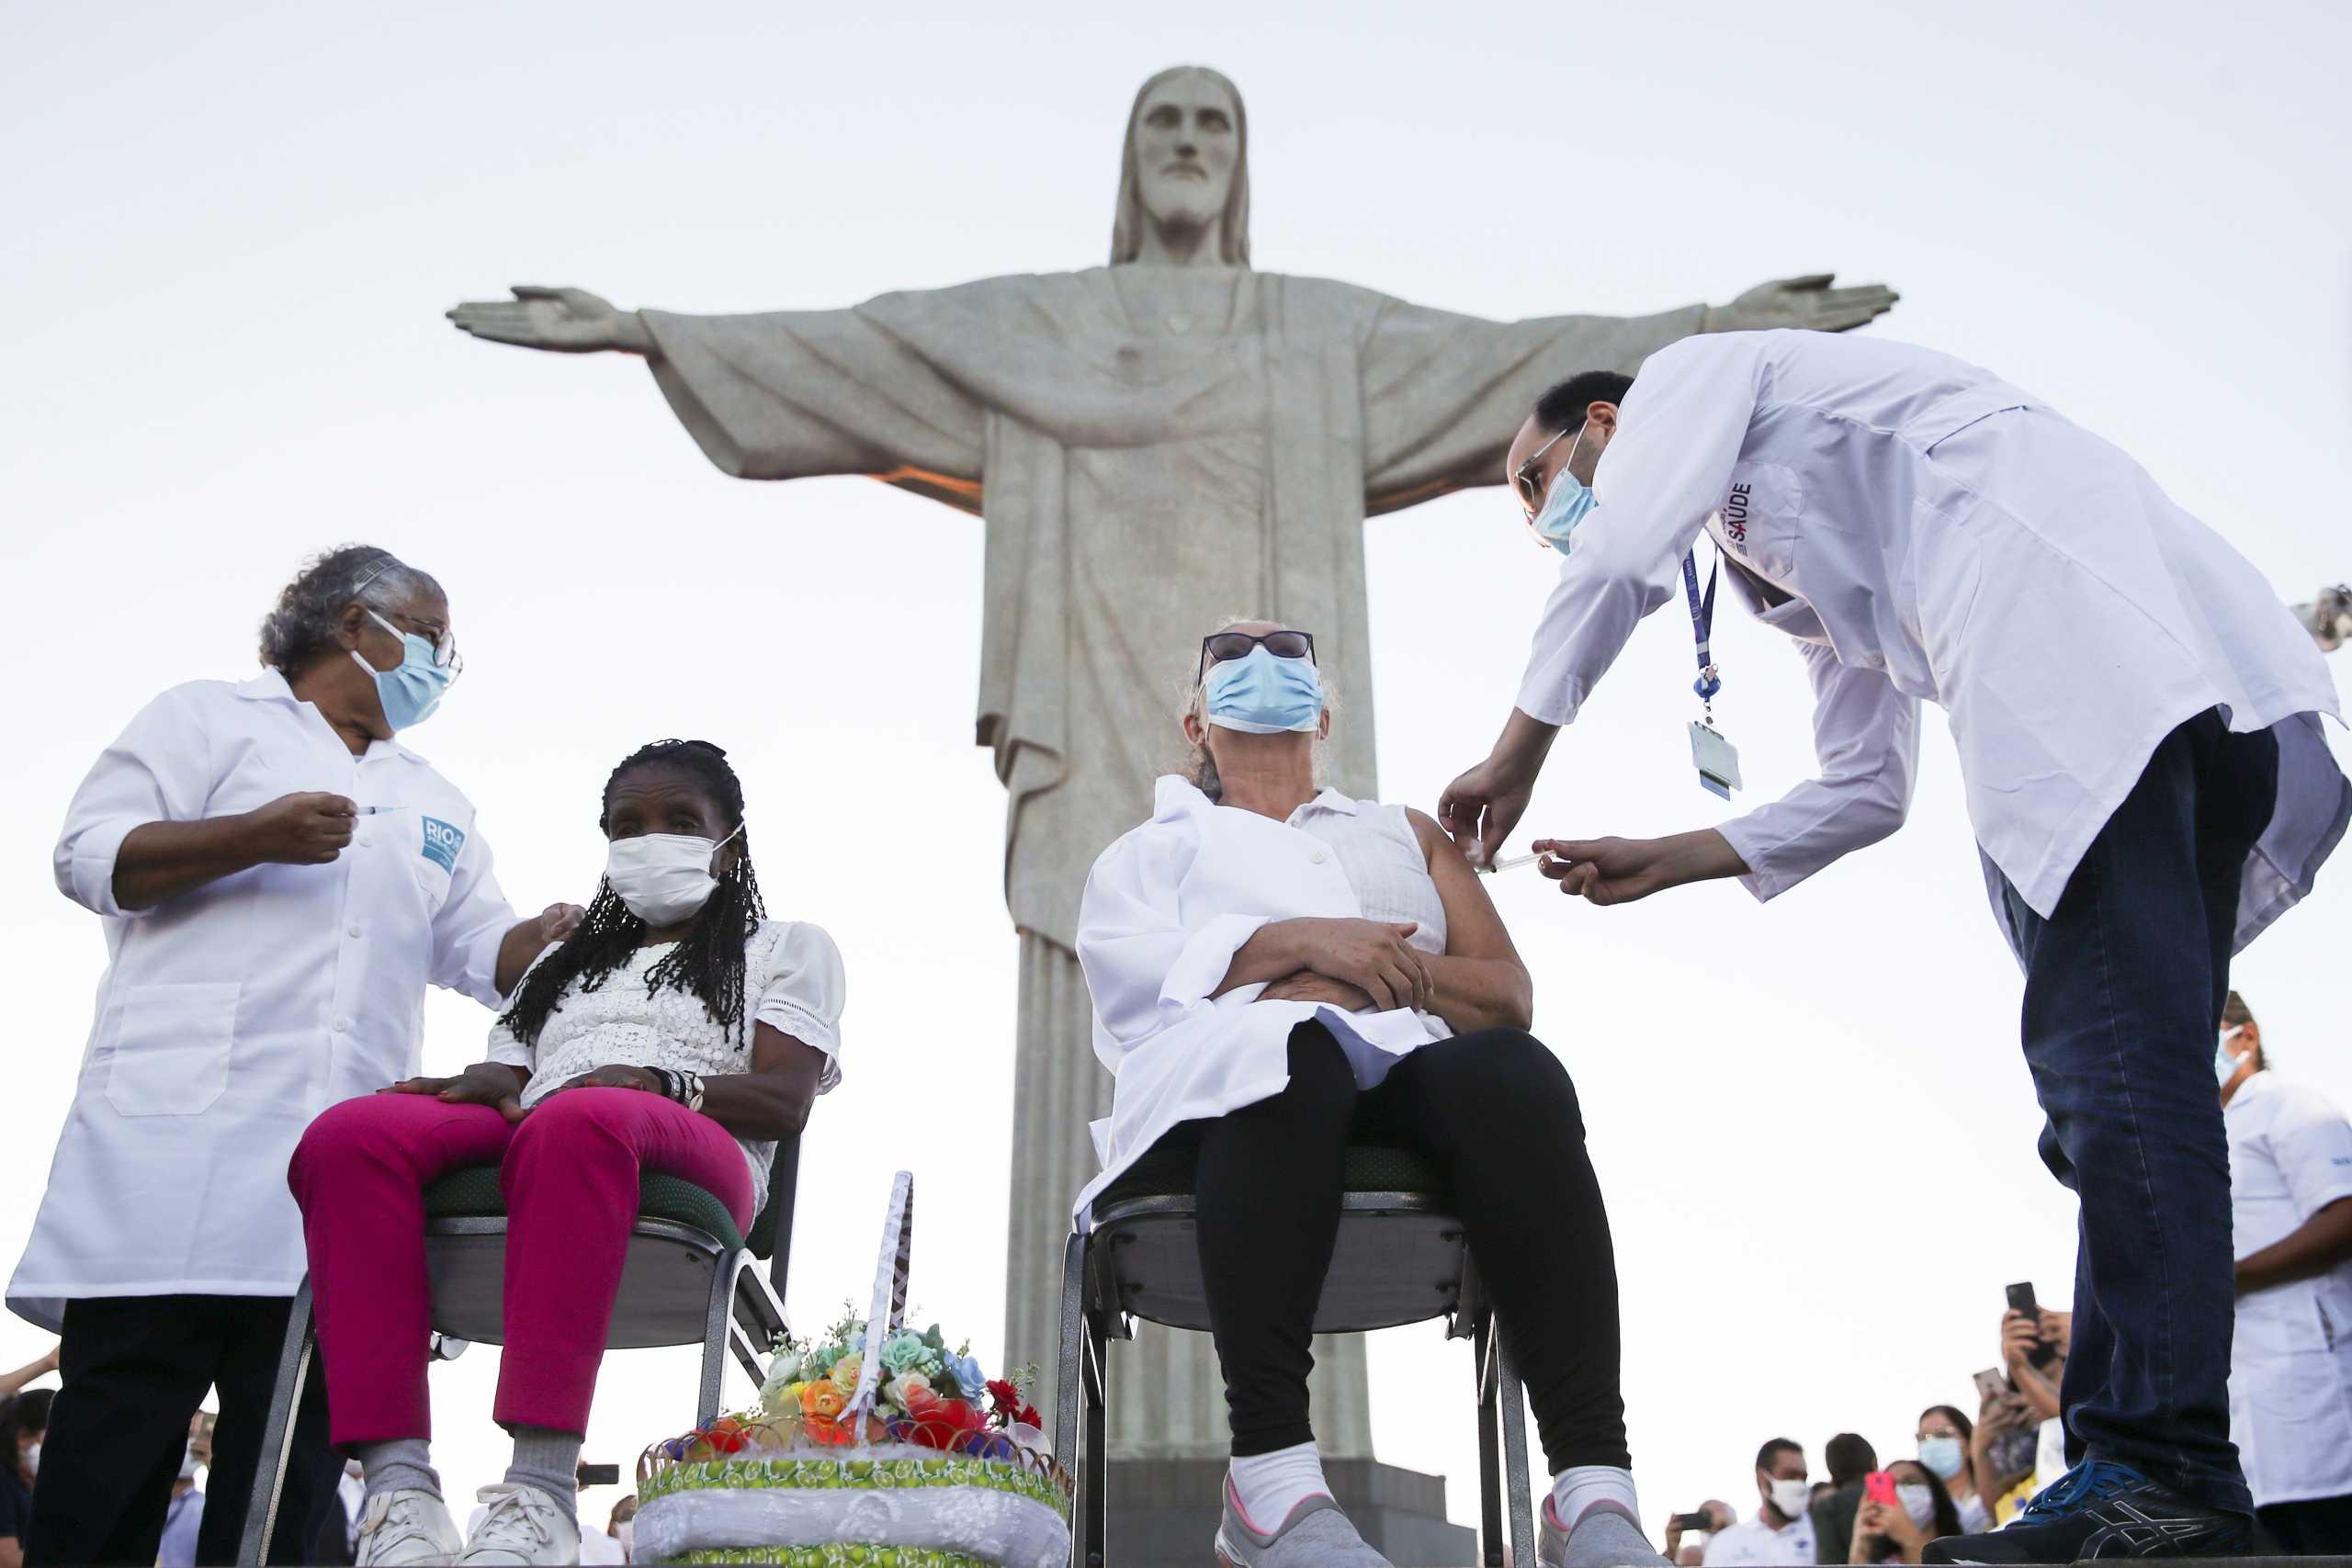 Ο κορονοϊός «τσακίζει» τη Λατινική Αμερική: Πάνω από 1.000 νεκροί σε Βραζιλία και Μεξικό το τελευταίο 24ωρο